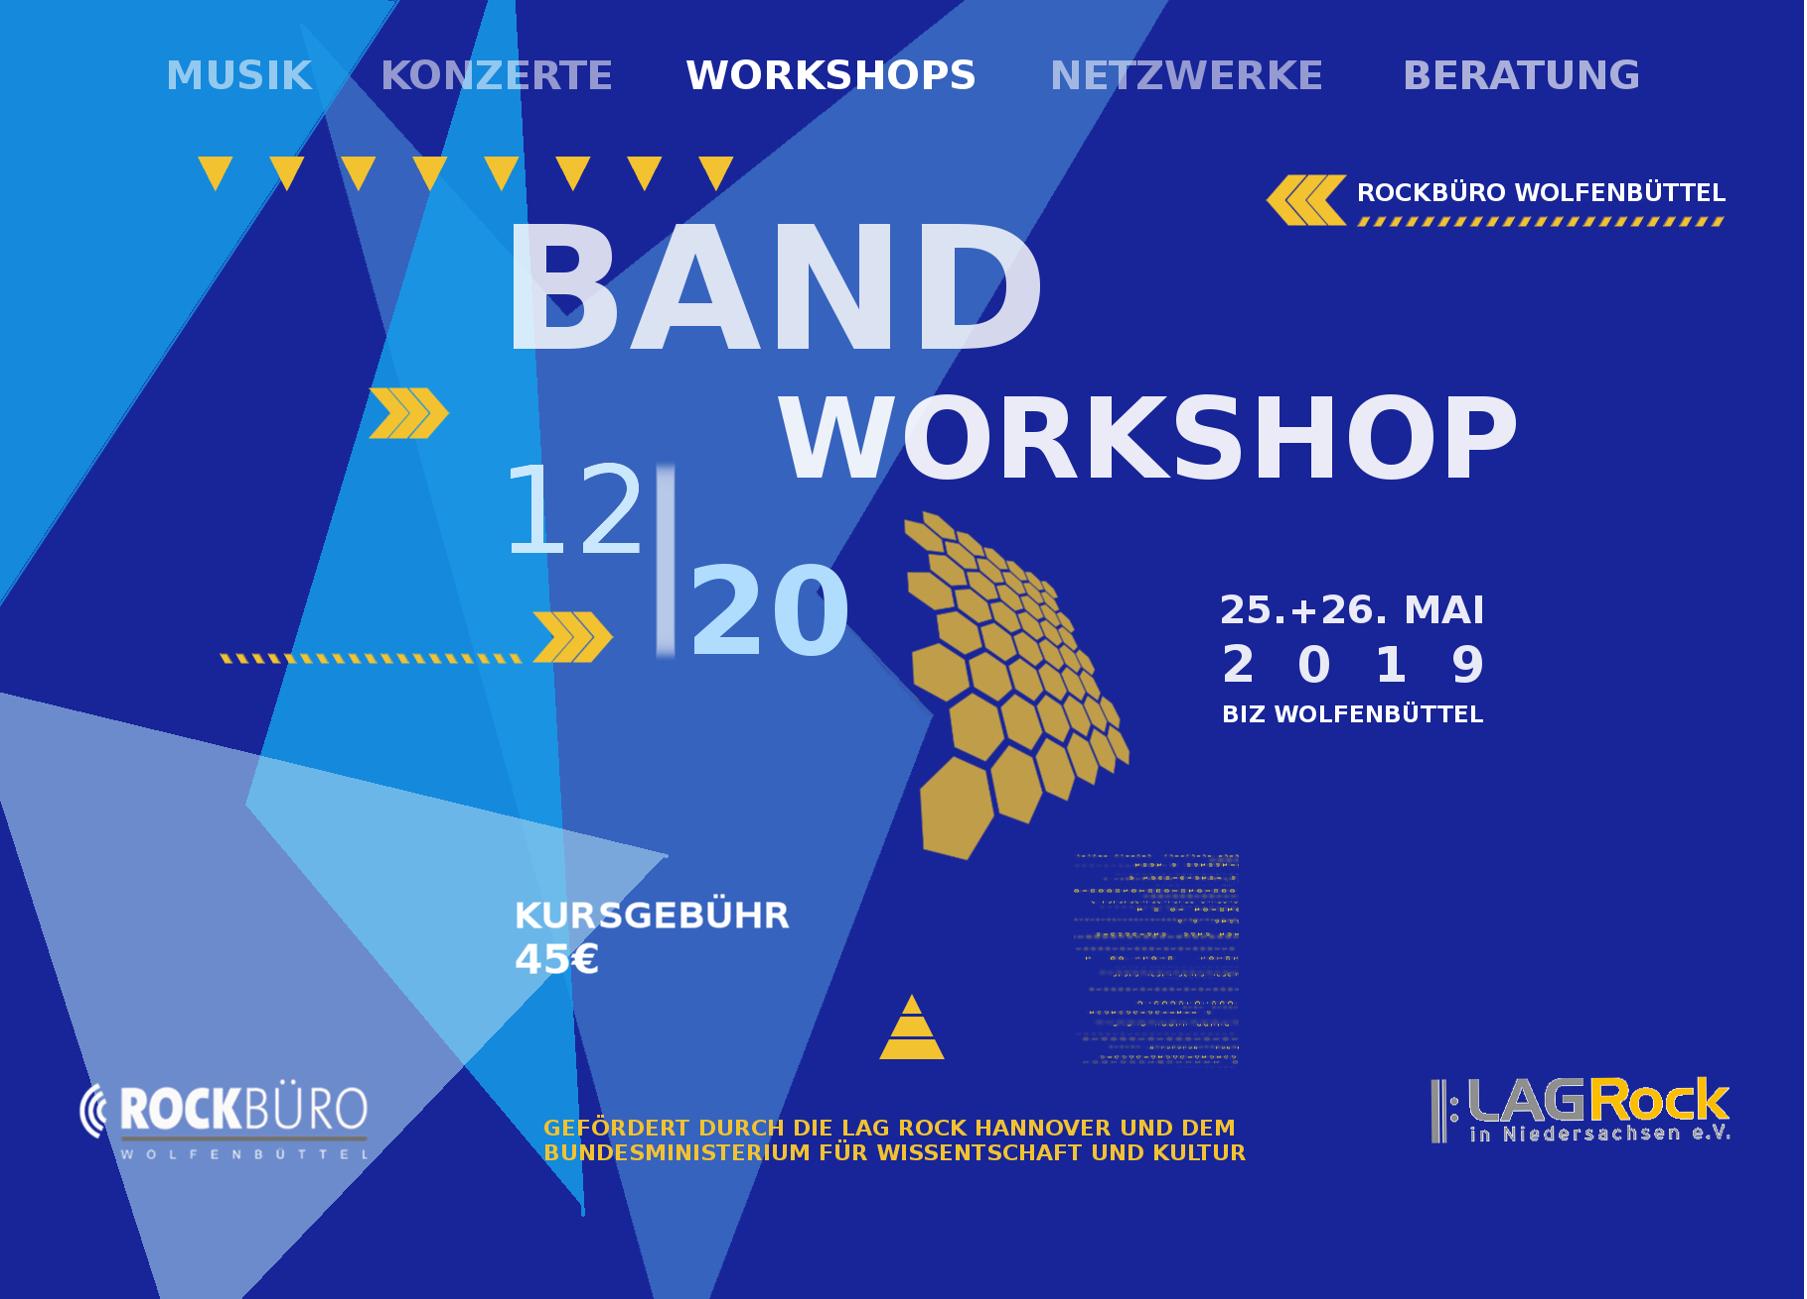 Bandworkshop 25.05.-26.05.2019